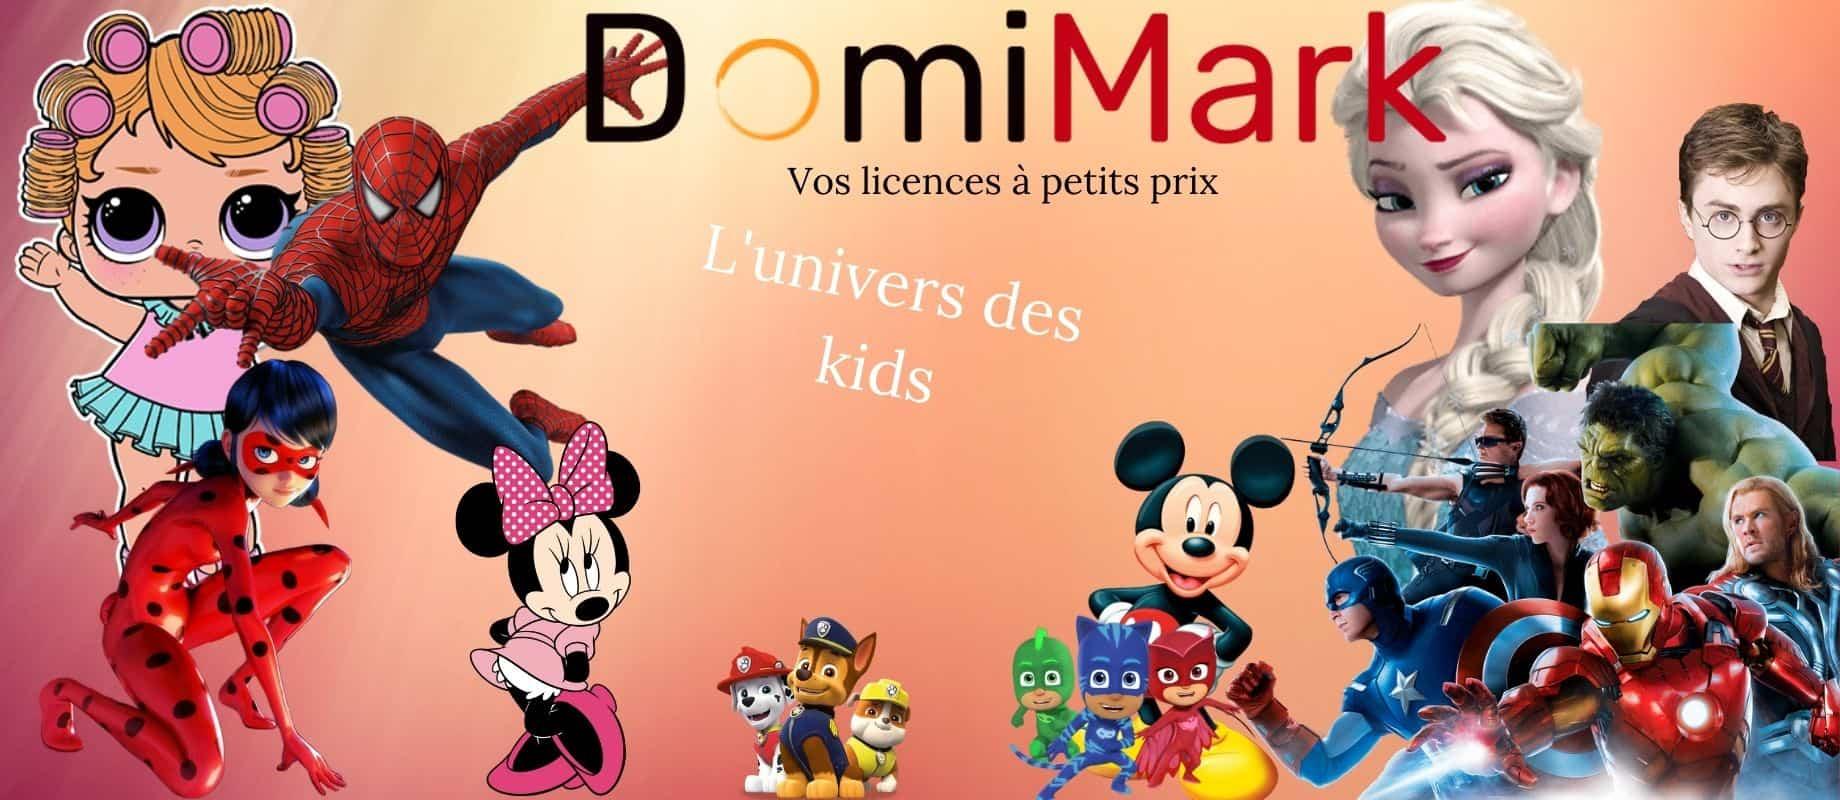 Bannière d'accueil Domimark